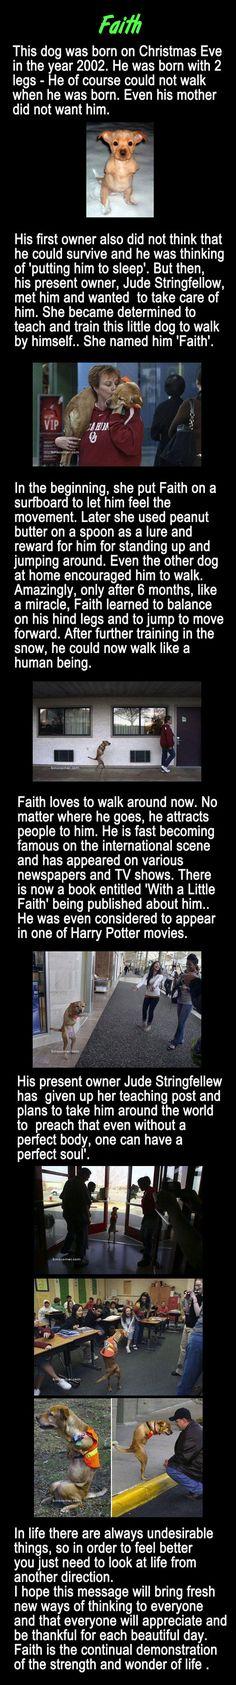 Fabulous! The Power of Faith